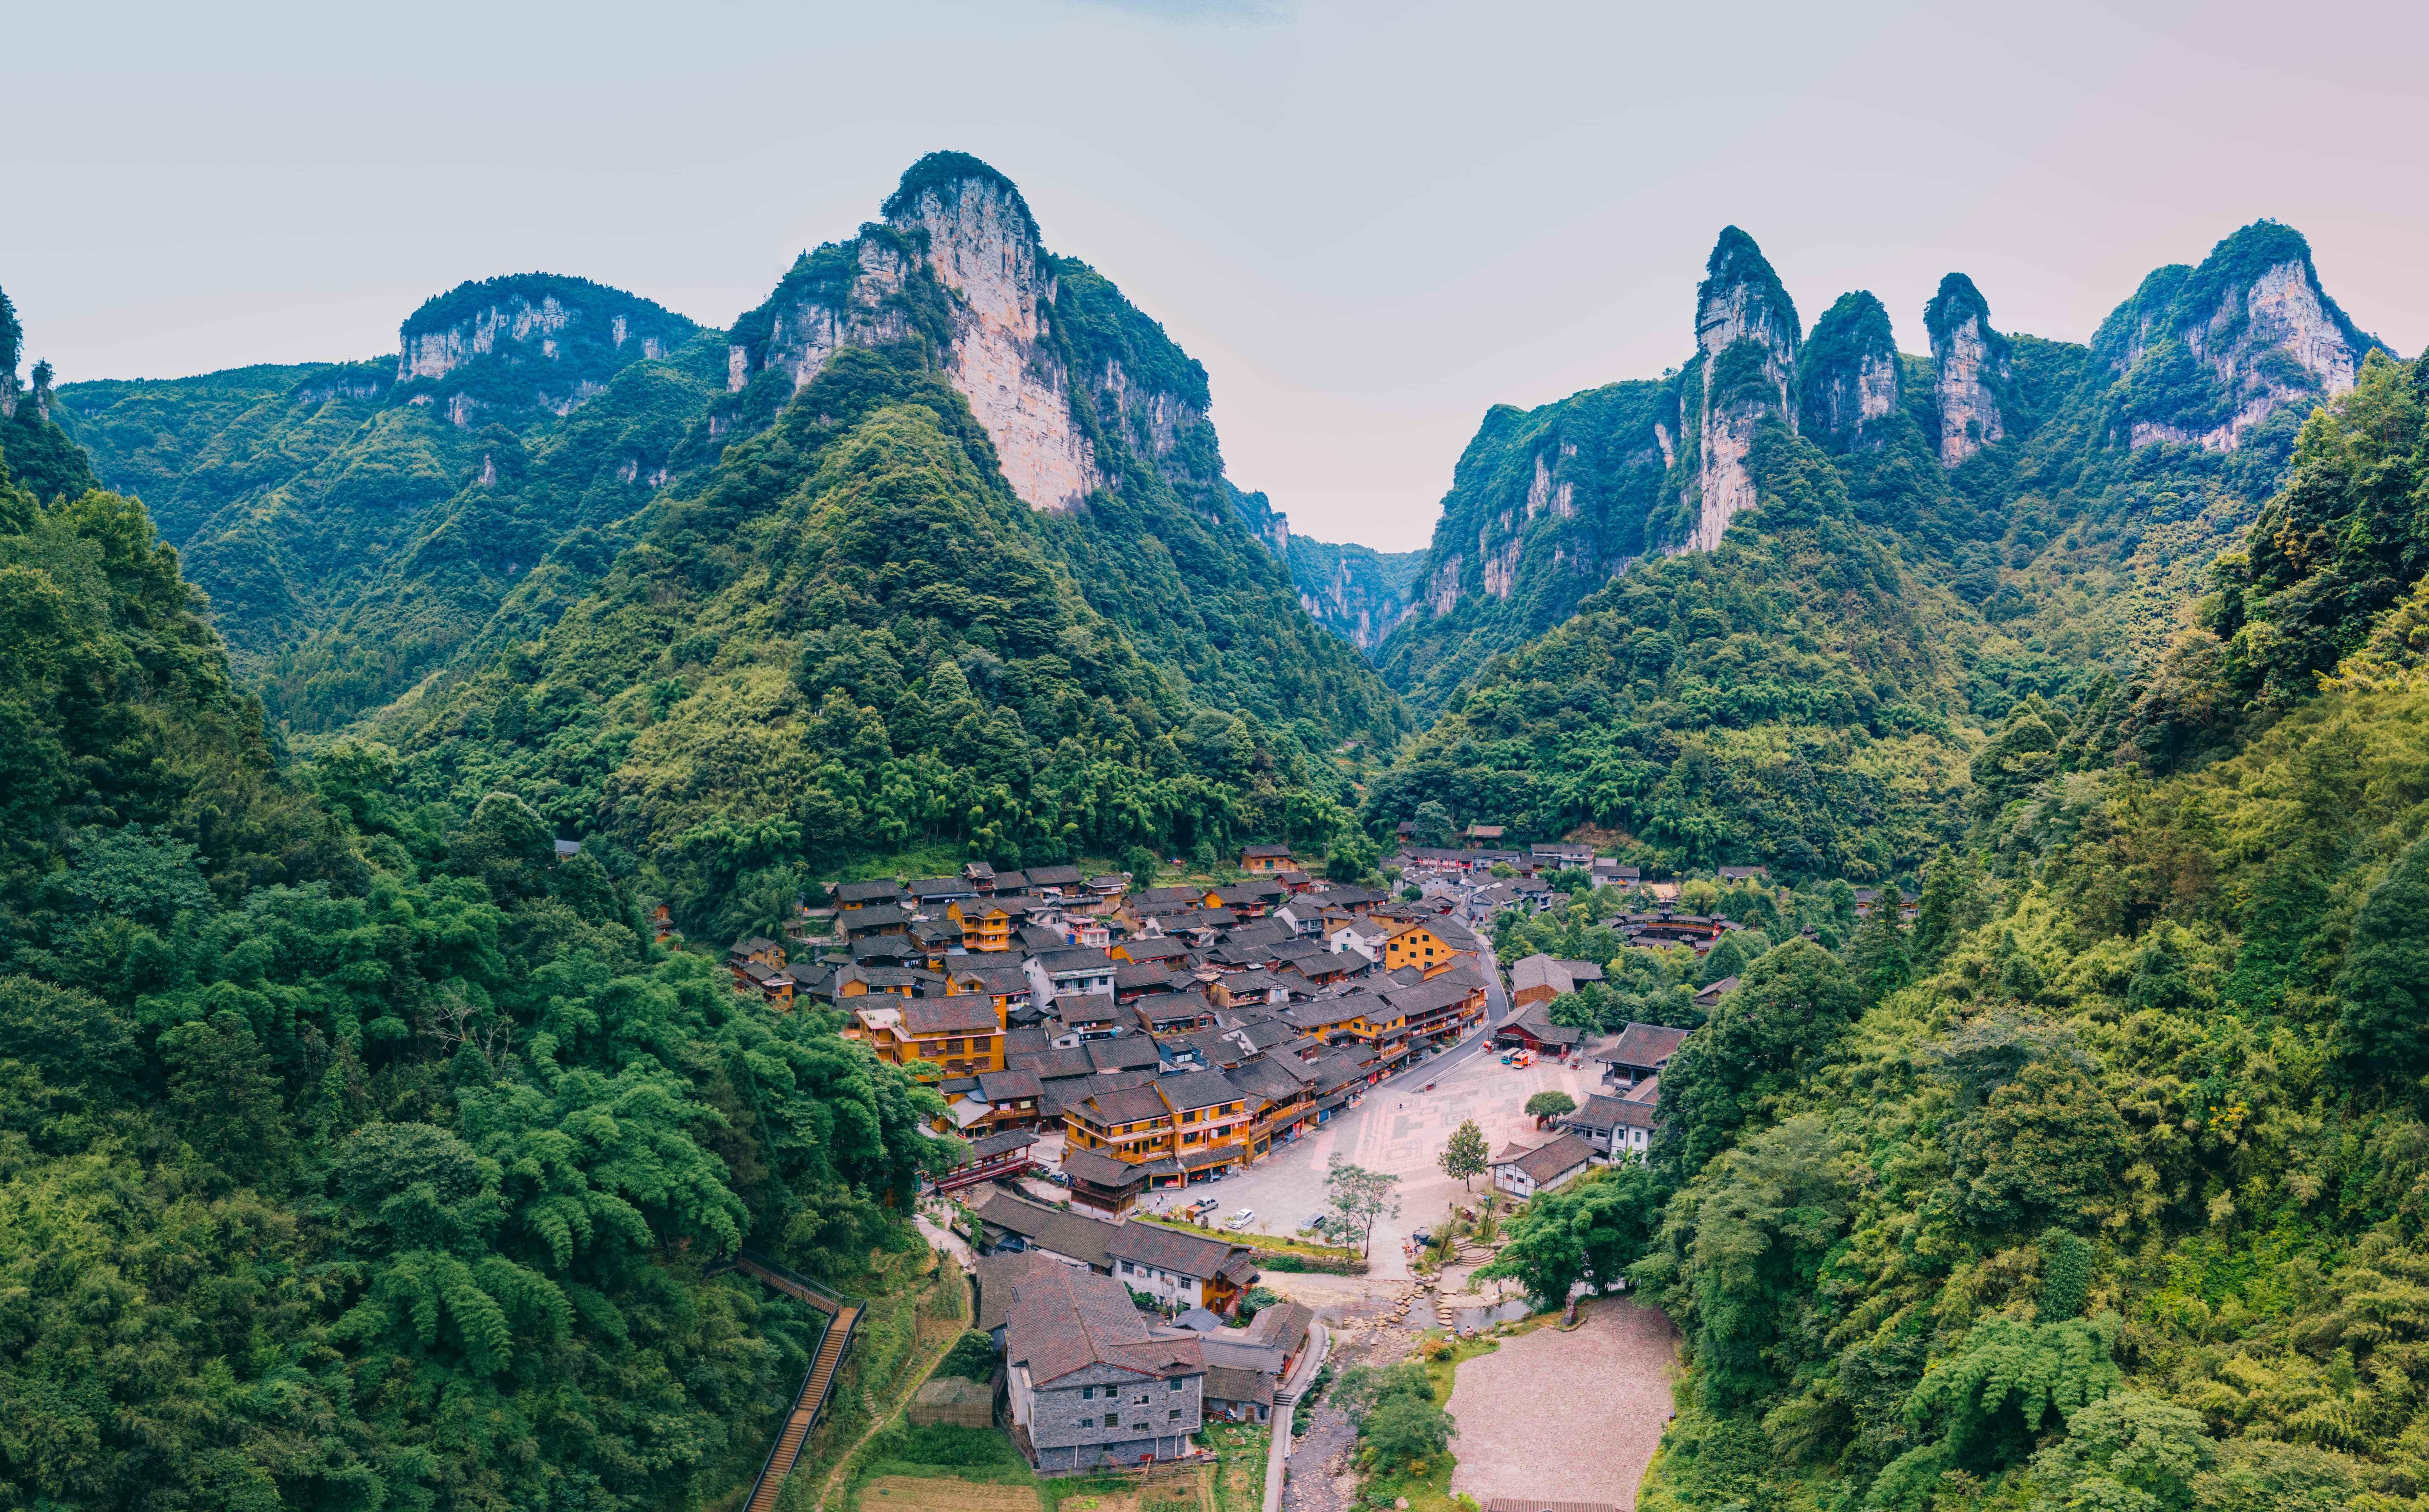 隐秘在湘西大山深处的美景,作为众多影视取景地,你知道在哪儿吗?